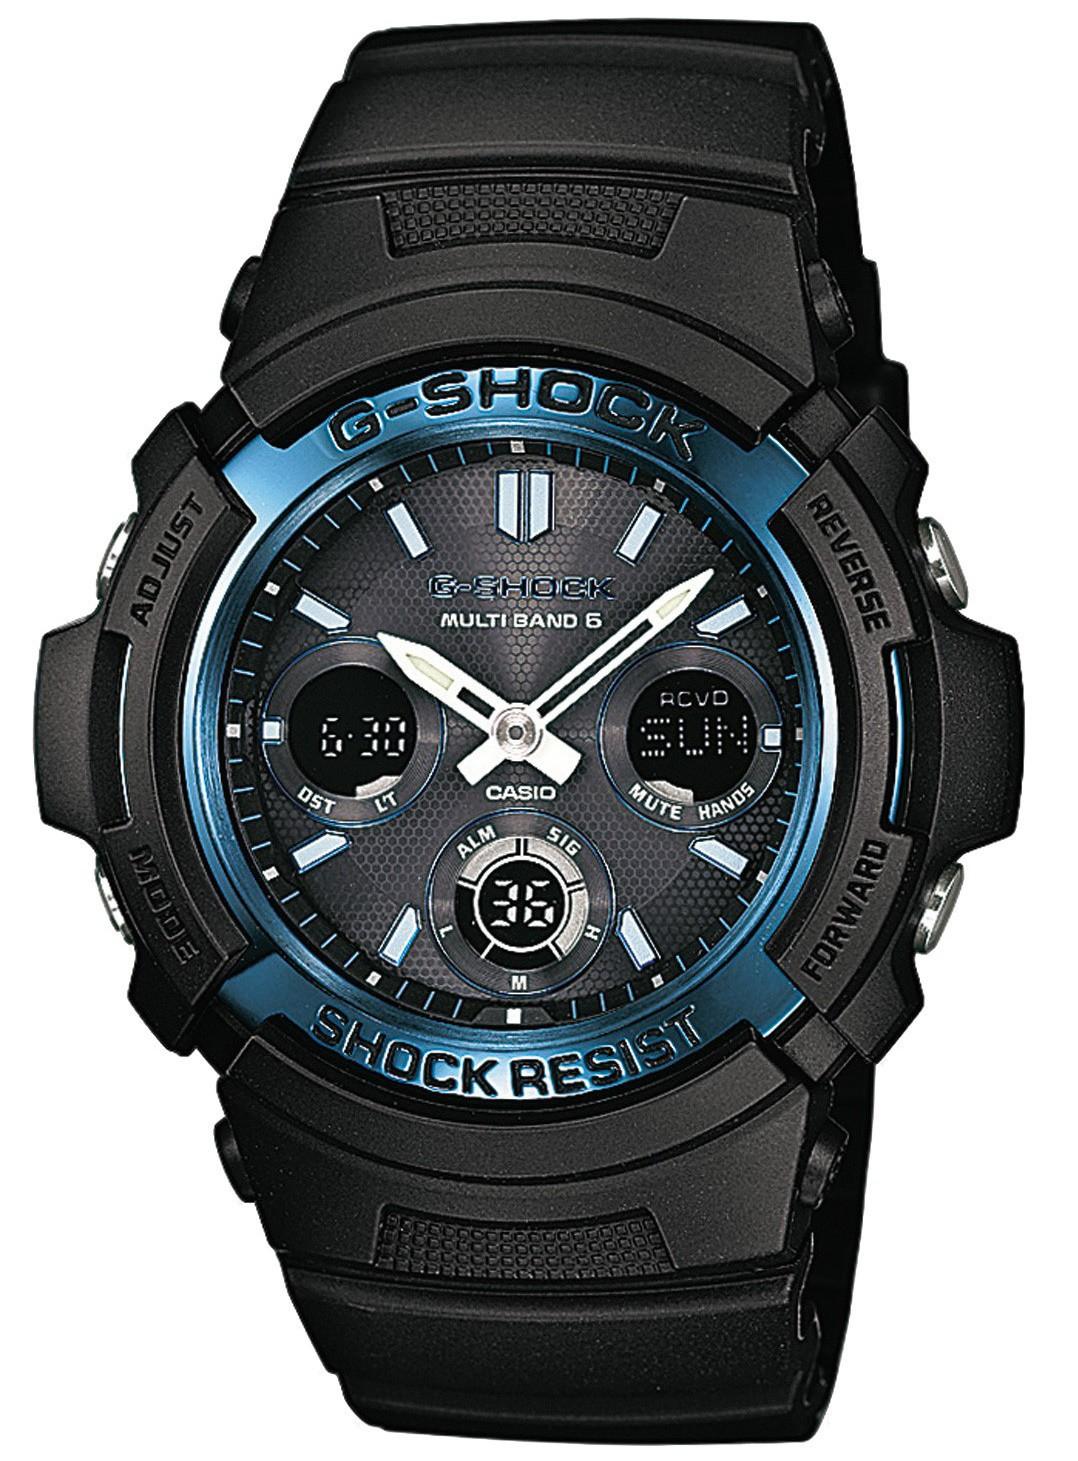 Casio G-SHOCK AWG-M100A-1A / AWG-M100A-1AER - мужские наручные часыCasio<br><br><br>Бренд: Casio<br>Модель: Casio AWG-M100A-1A<br>Артикул: AWG-M100A-1A<br>Вариант артикула: AWG-M100A-1AER<br>Коллекция: G-SHOCK<br>Подколлекция: None<br>Страна: Япония<br>Пол: мужские<br>Тип механизма: кварцевые<br>Механизм: None<br>Количество камней: None<br>Автоподзавод: None<br>Источник энергии: от солнечной батареи<br>Срок службы элемента питания: None<br>Дисплей: стрелки + цифры<br>Цифры: отсутствуют<br>Водозащита: WR 200<br>Противоударные: есть<br>Материал корпуса: нерж. сталь + пластик<br>Материал браслета: каучук<br>Материал безеля: None<br>Стекло: минеральное<br>Антибликовое покрытие: None<br>Цвет корпуса: None<br>Цвет браслета: None<br>Цвет циферблата: None<br>Цвет безеля: None<br>Размеры: 46.4x52x14.9 мм<br>Диаметр: None<br>Диаметр корпуса: None<br>Толщина: None<br>Ширина ремешка: None<br>Вес: 56.4 г<br>Спорт-функции: секундомер, таймер обратного отсчета<br>Подсветка: дисплея, стрелок<br>Вставка: None<br>Отображение даты: вечный календарь, число, месяц, день недели<br>Хронограф: None<br>Таймер: None<br>Термометр: None<br>Хронометр: None<br>GPS: None<br>Радиосинхронизация: None<br>Барометр: None<br>Скелетон: None<br>Дополнительная информация: функция включения/отключения звука кнопок, коррекция времени по радиосигналу (для России данная функция работает в дальневосточных областях и в Ленинградской области)<br>Дополнительные функции: индикатор запаса хода, второй часовой пояс, будильник (количество установок: 5)